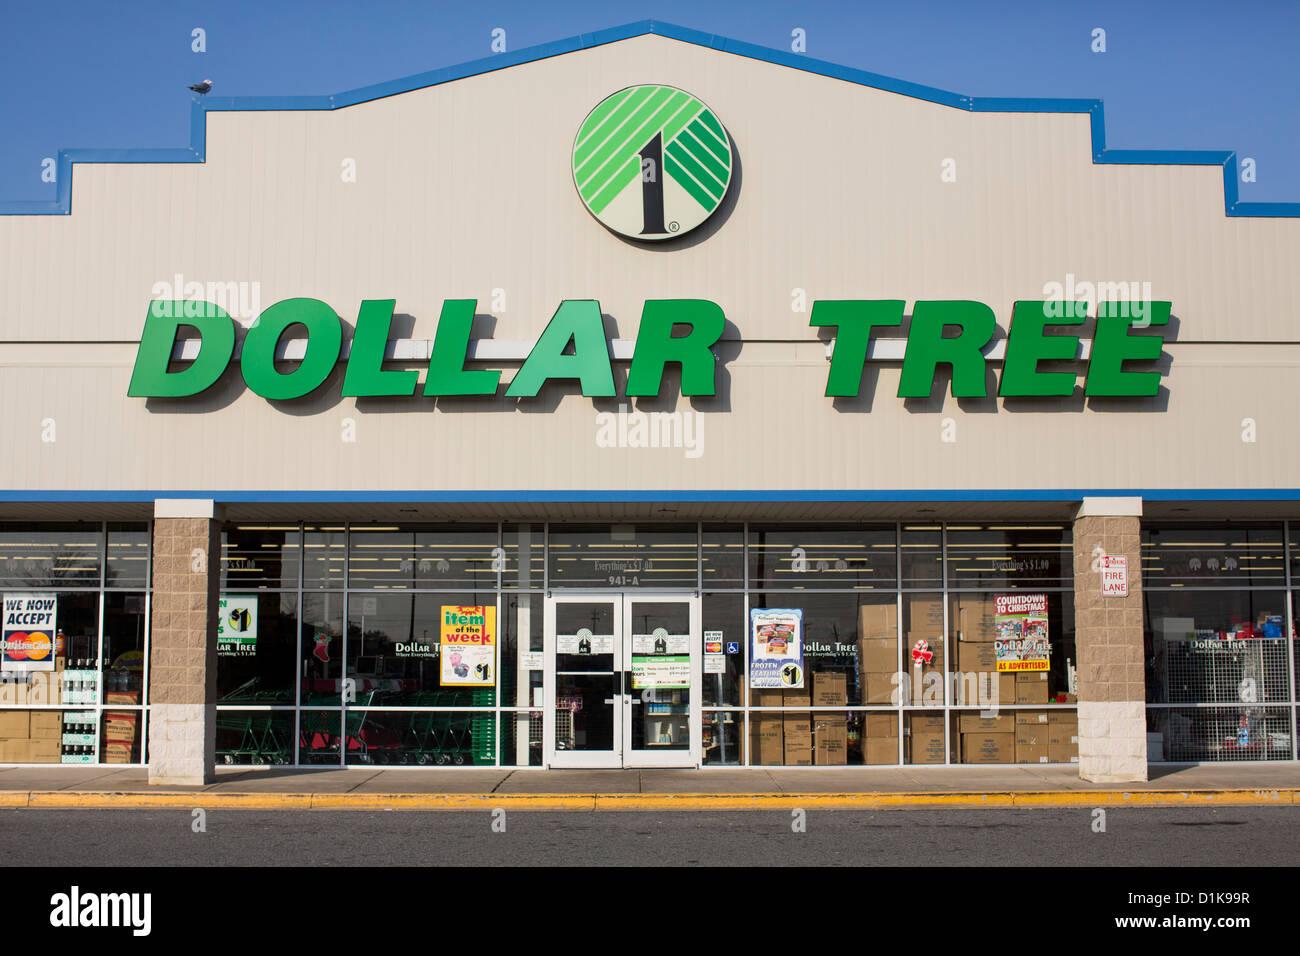 Un Dollar Tree, magasin de vente au détail. Photo Stock